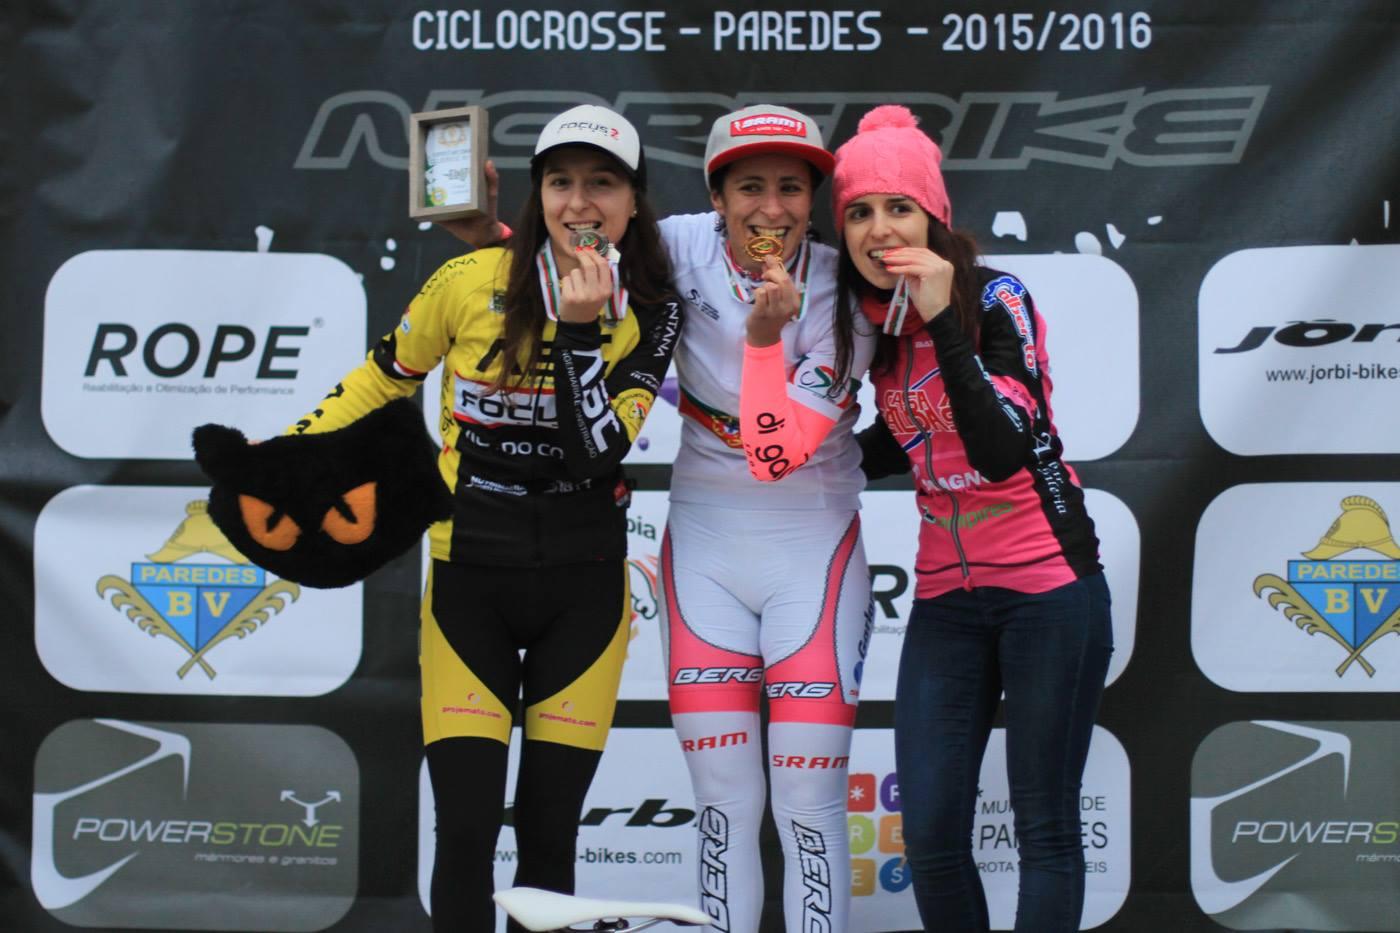 Campeonato Nacional de Ciclocrosse 2015 2016 feminino